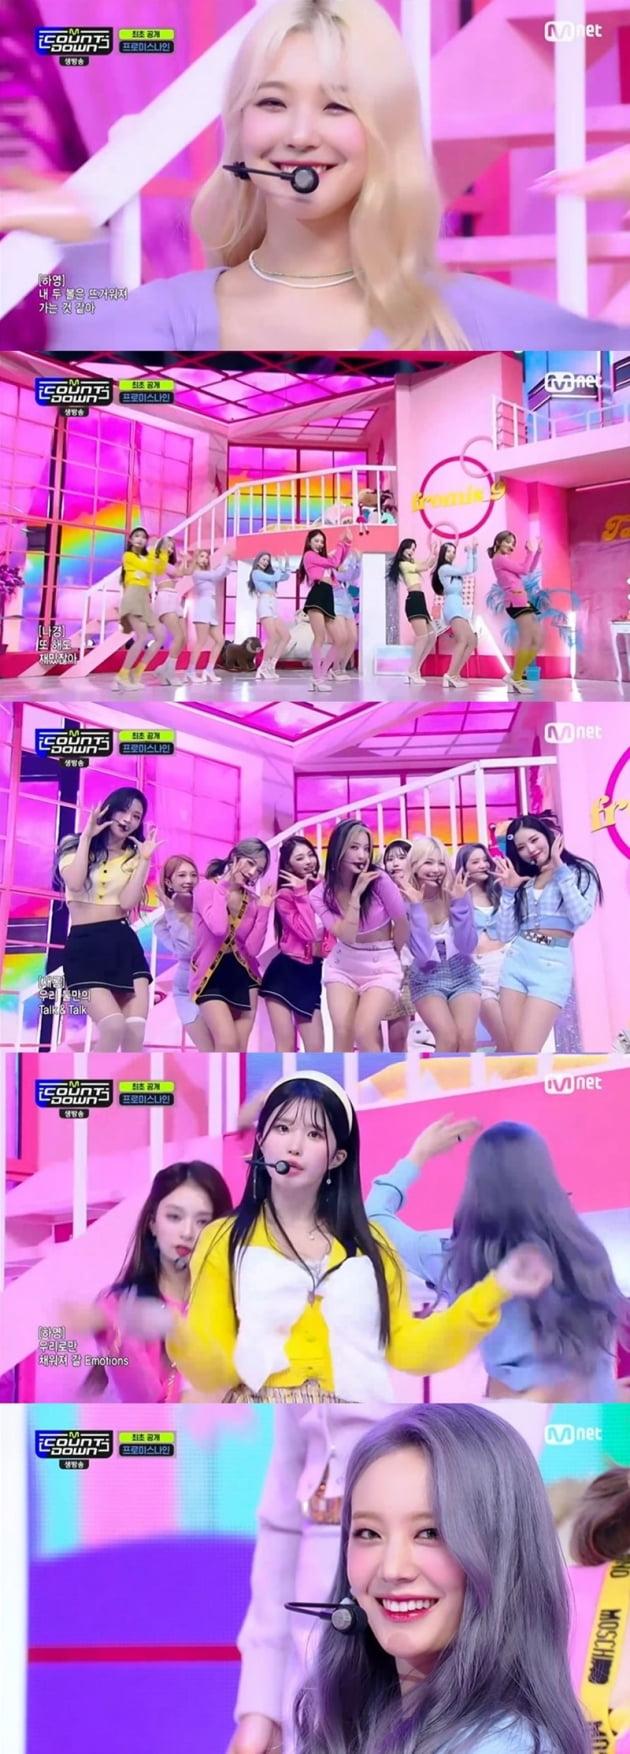 프로미스나인 / 사진 = Mnet 영상 캡처